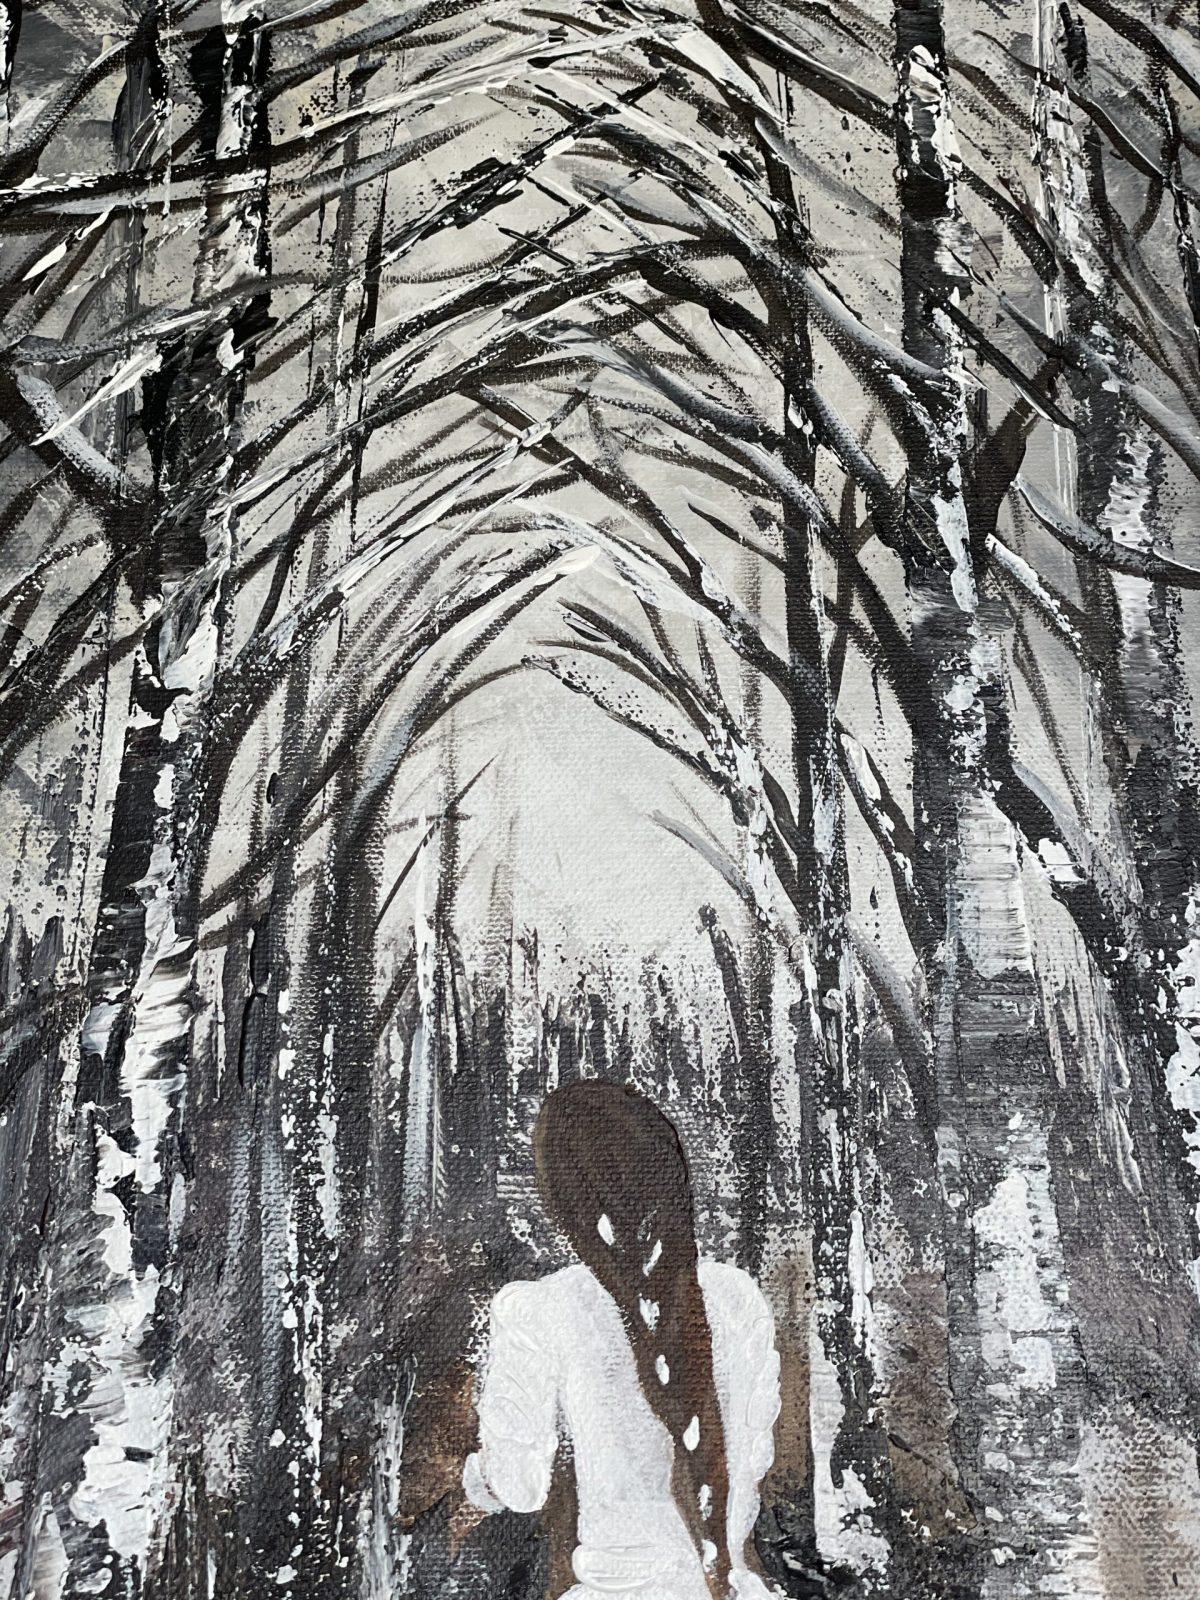 La mariée dans la forêt enneigée - Kate_Art Galerie - arbres